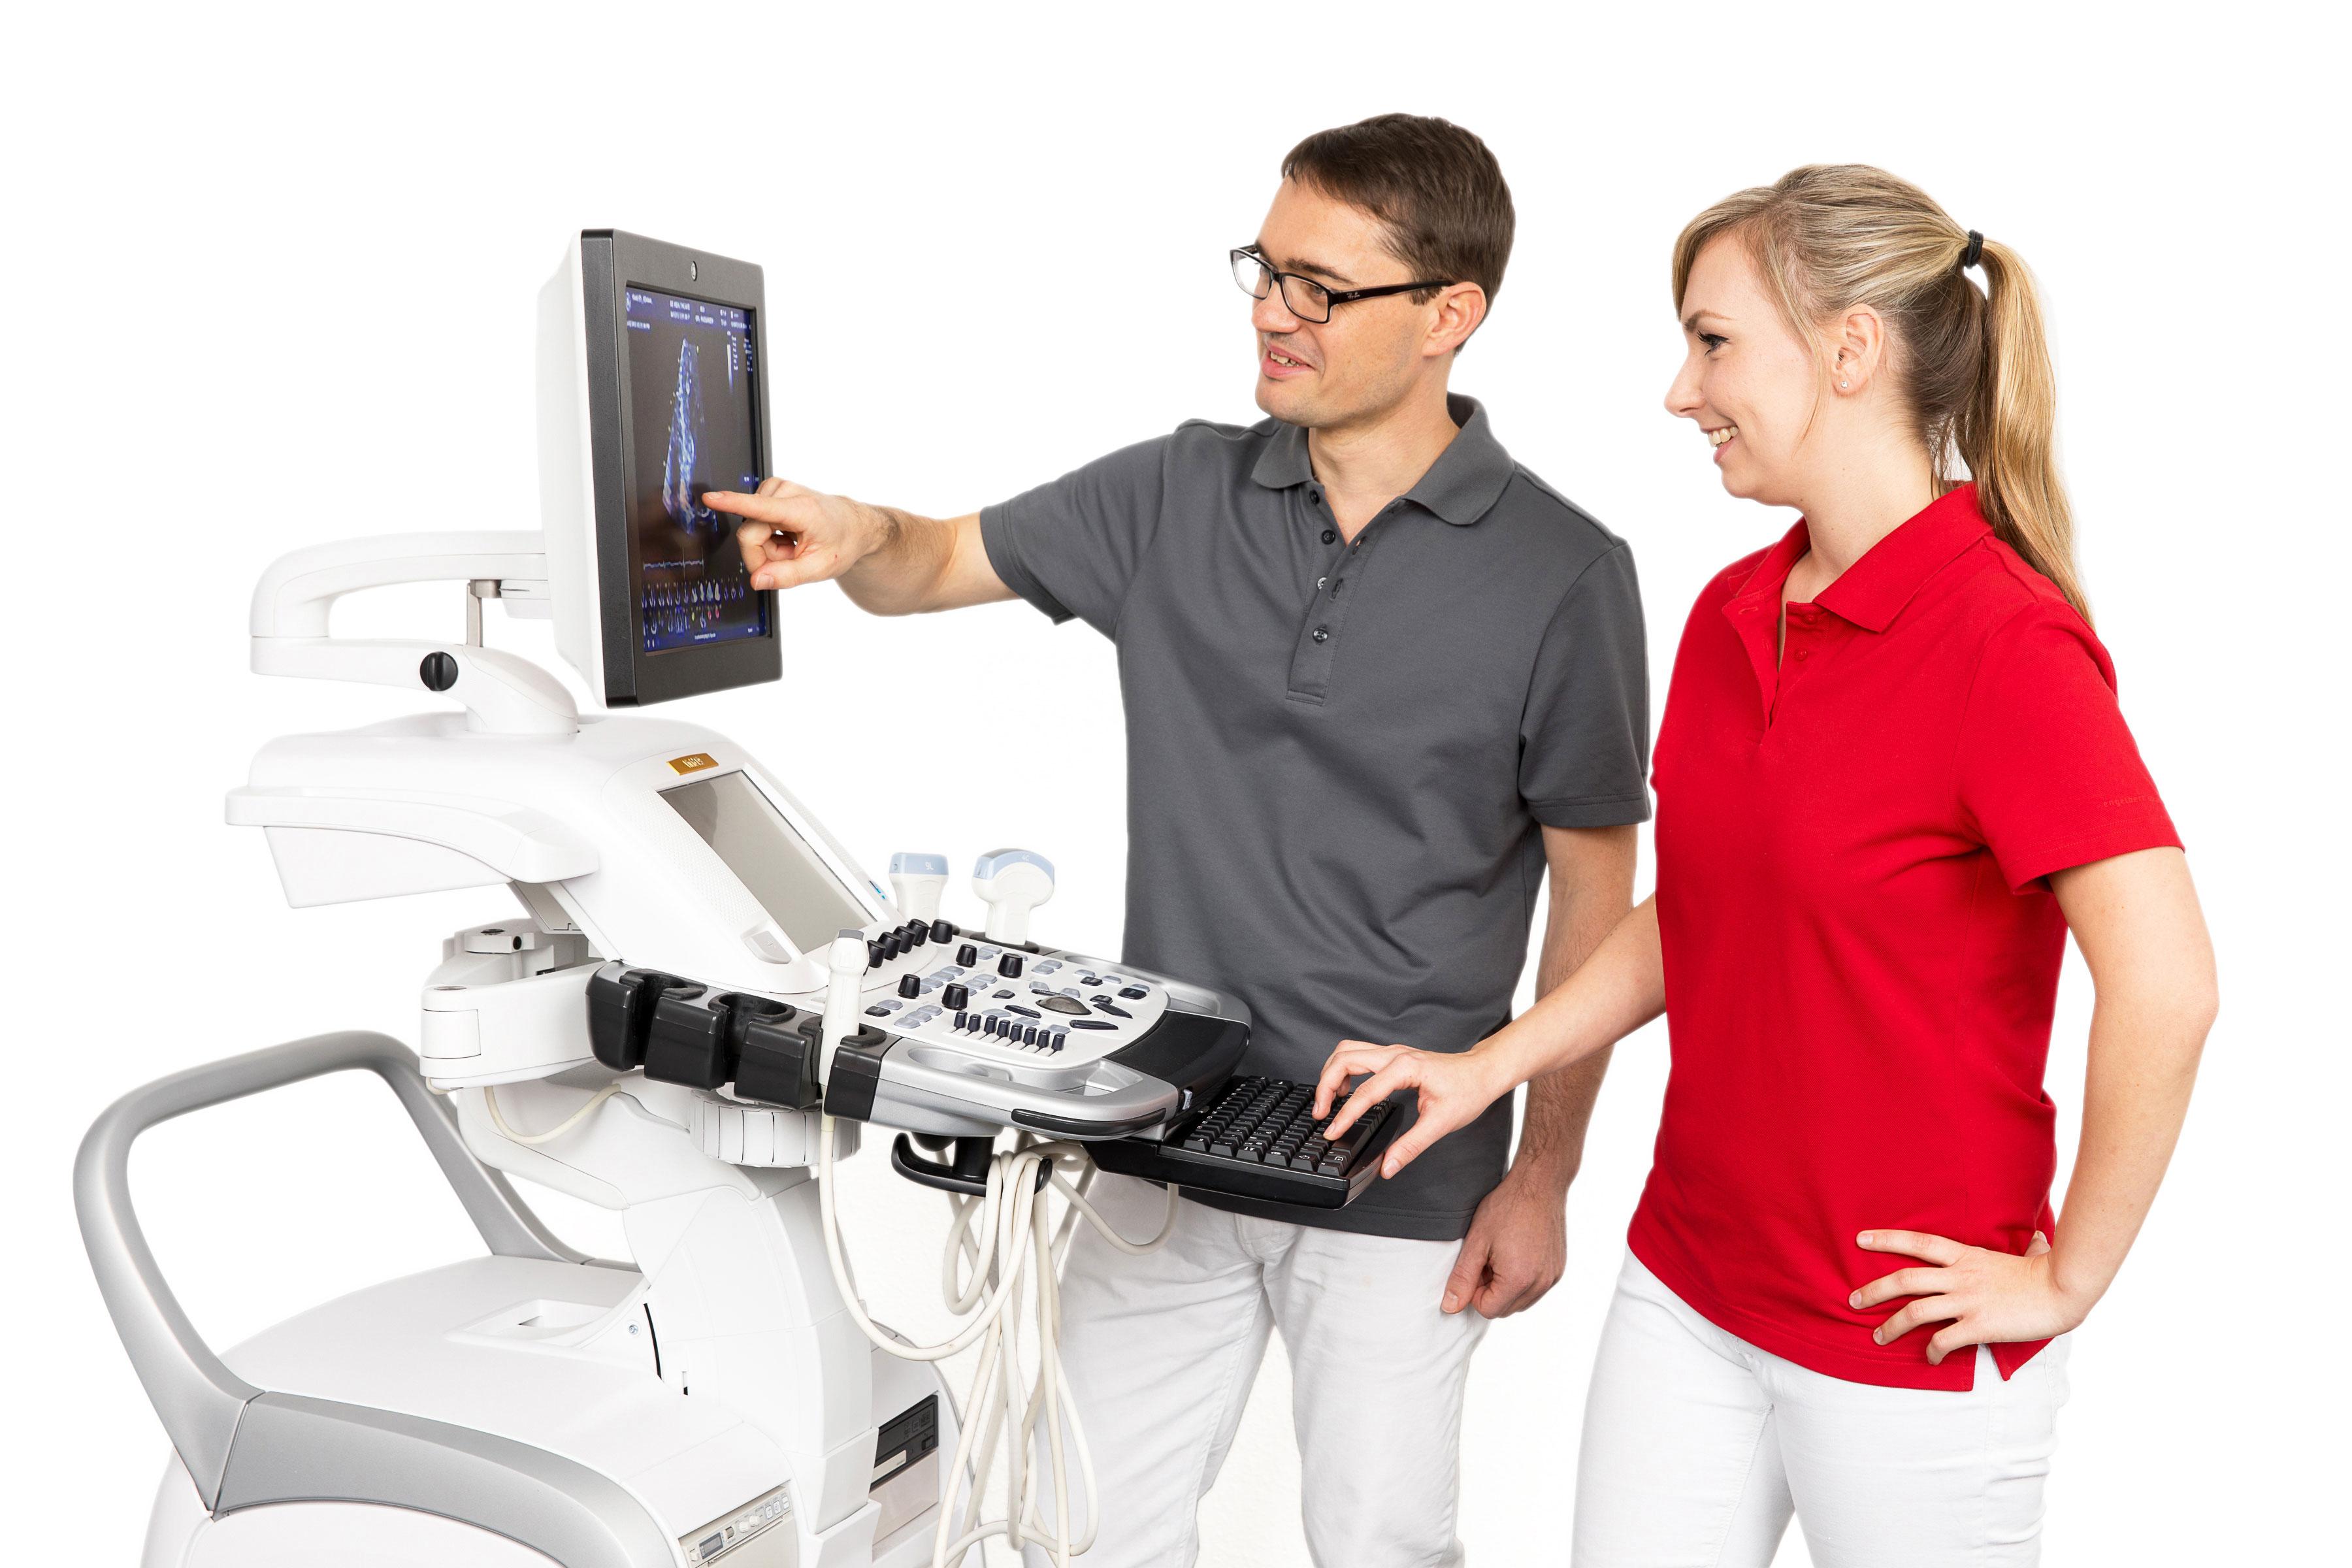 Jennifer und Dr. Weinrich zur Vorbereitung für eine Echokardiographie